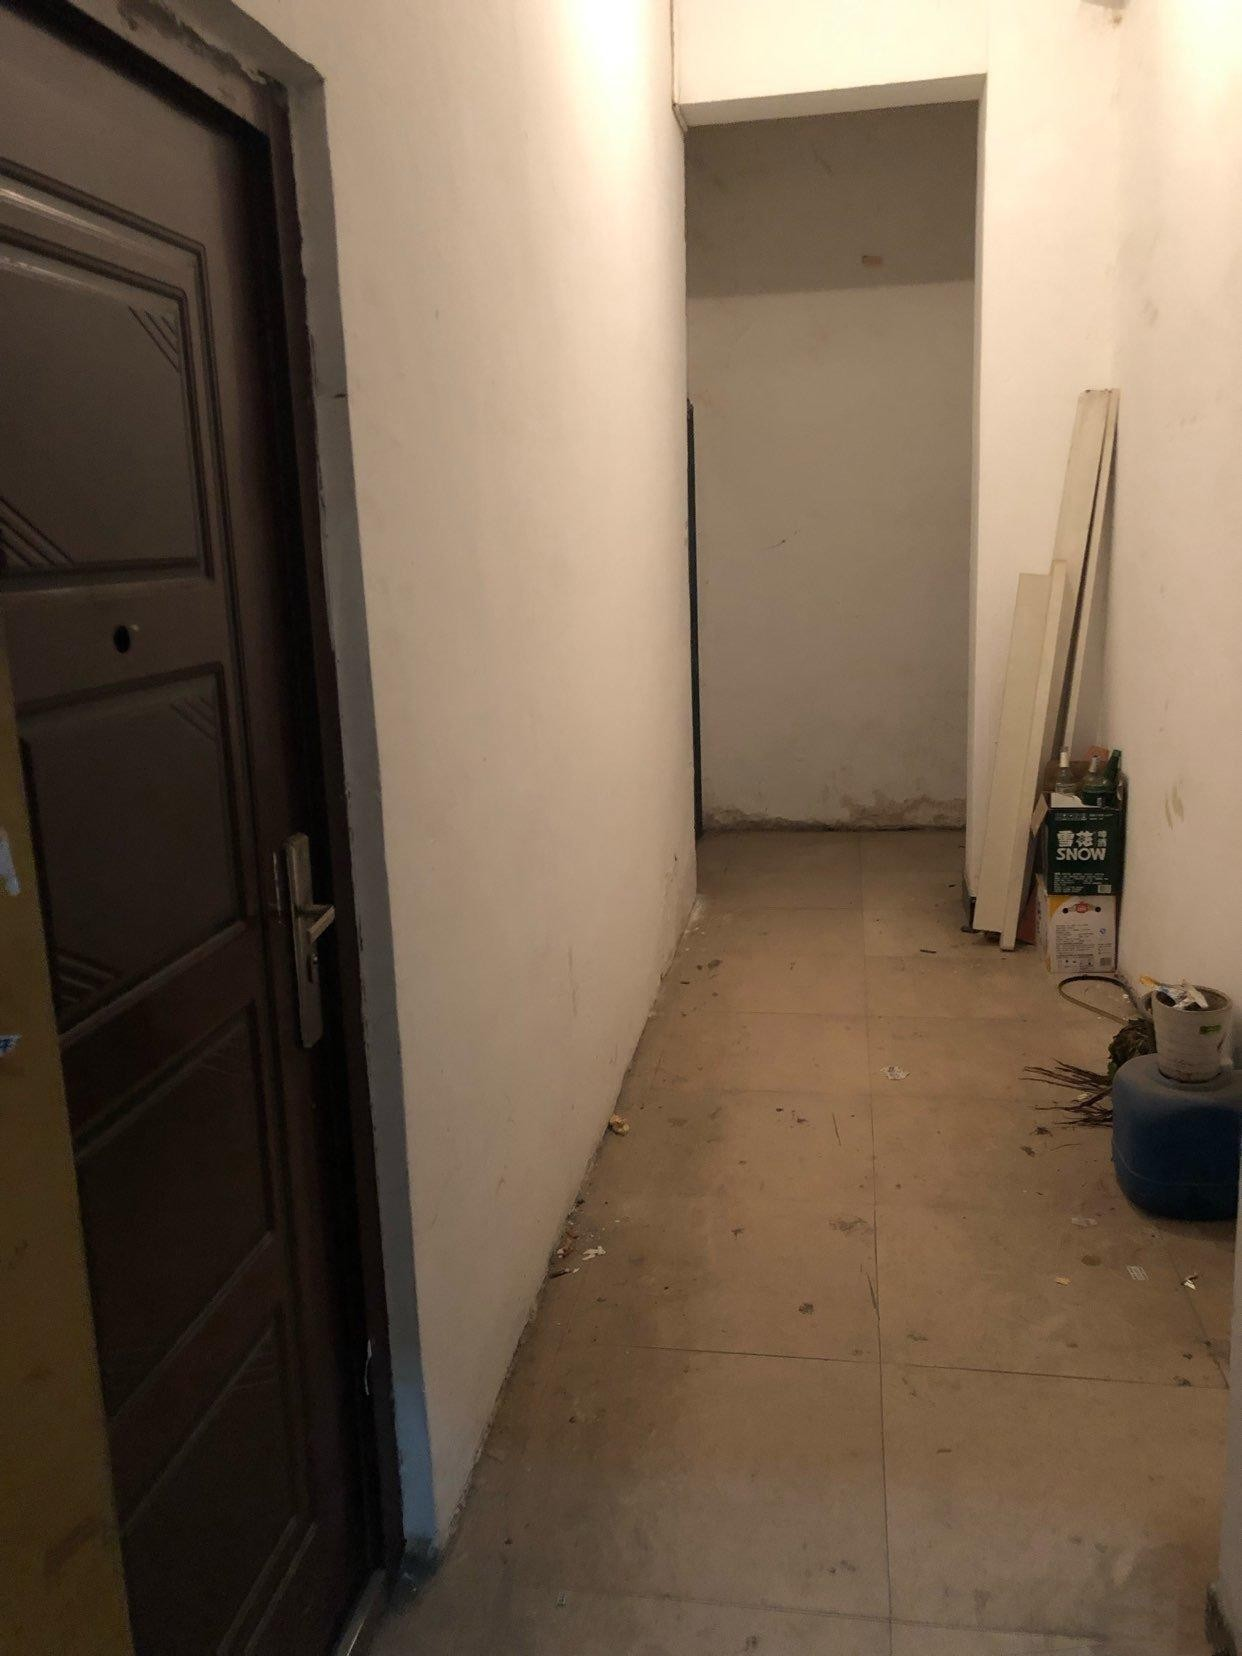 义乌市廿三里振兴西路3间6层垂直房 年租40万 占地284平